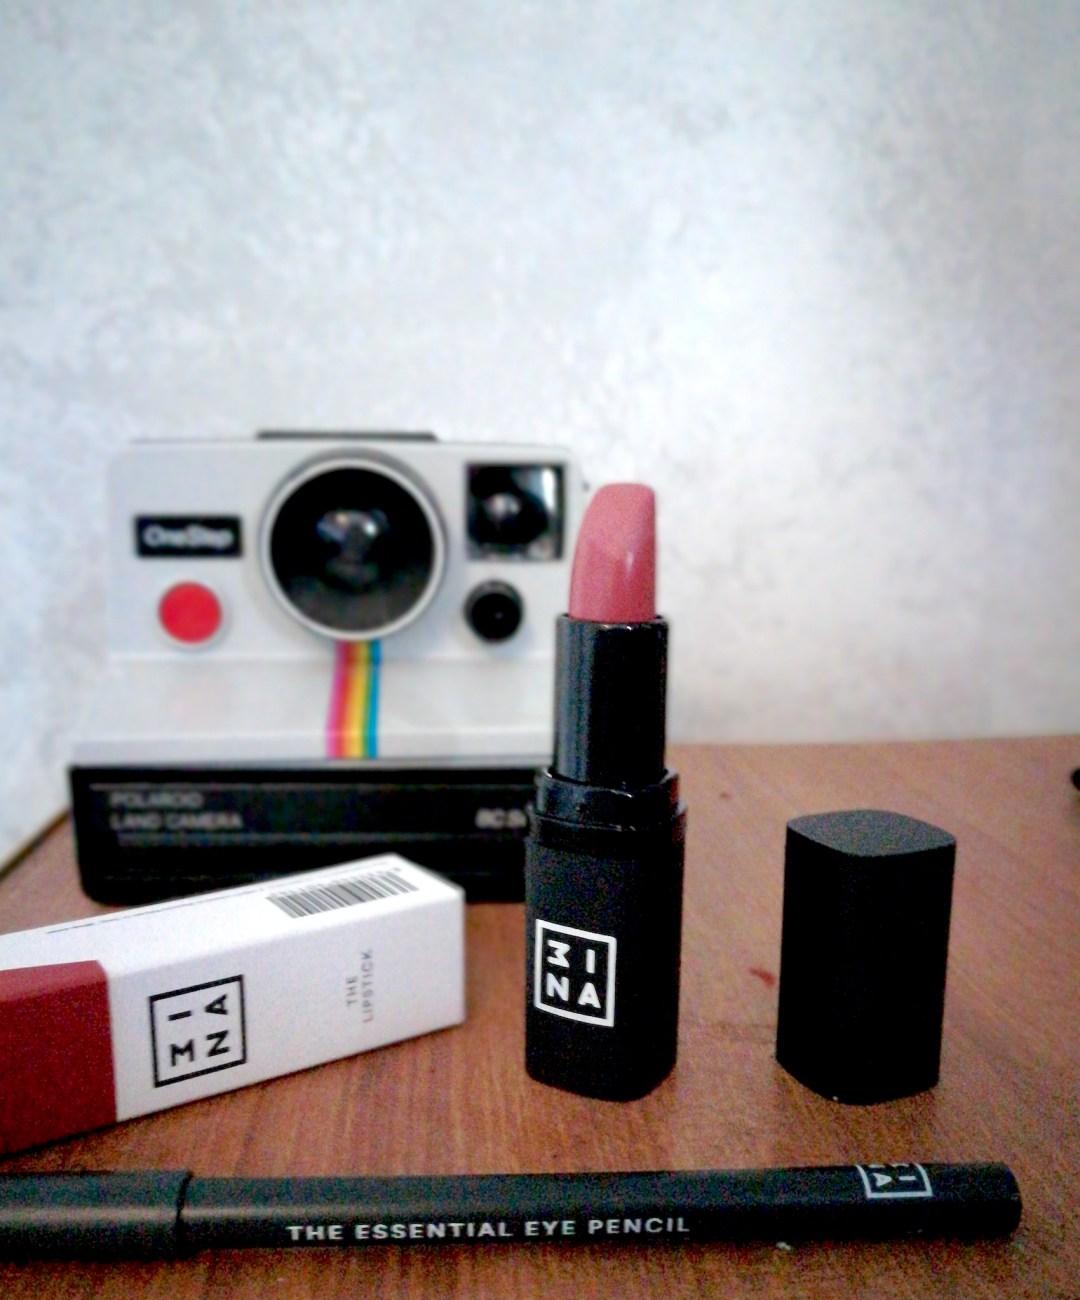 beauty brand 3INA